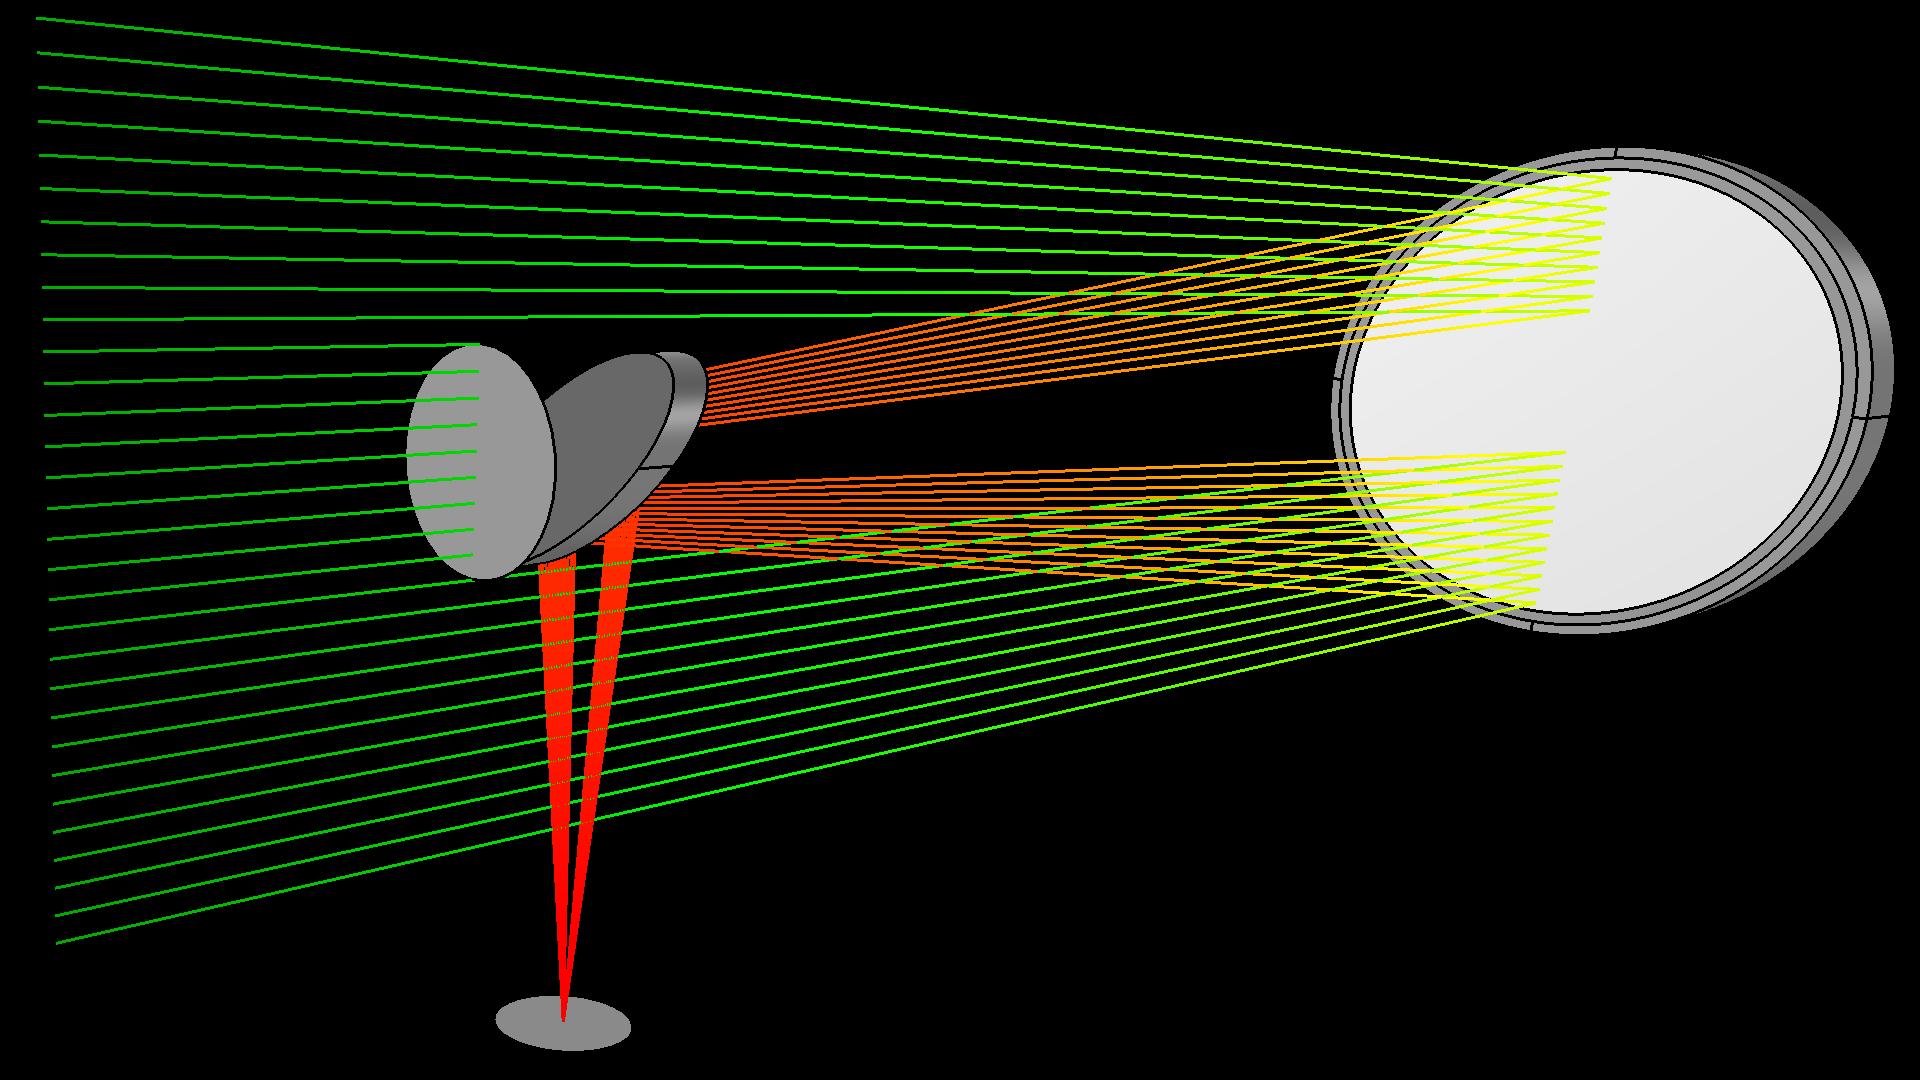 Content Dam Lfw Online Articles 2019 03 1903lfw Pro 4